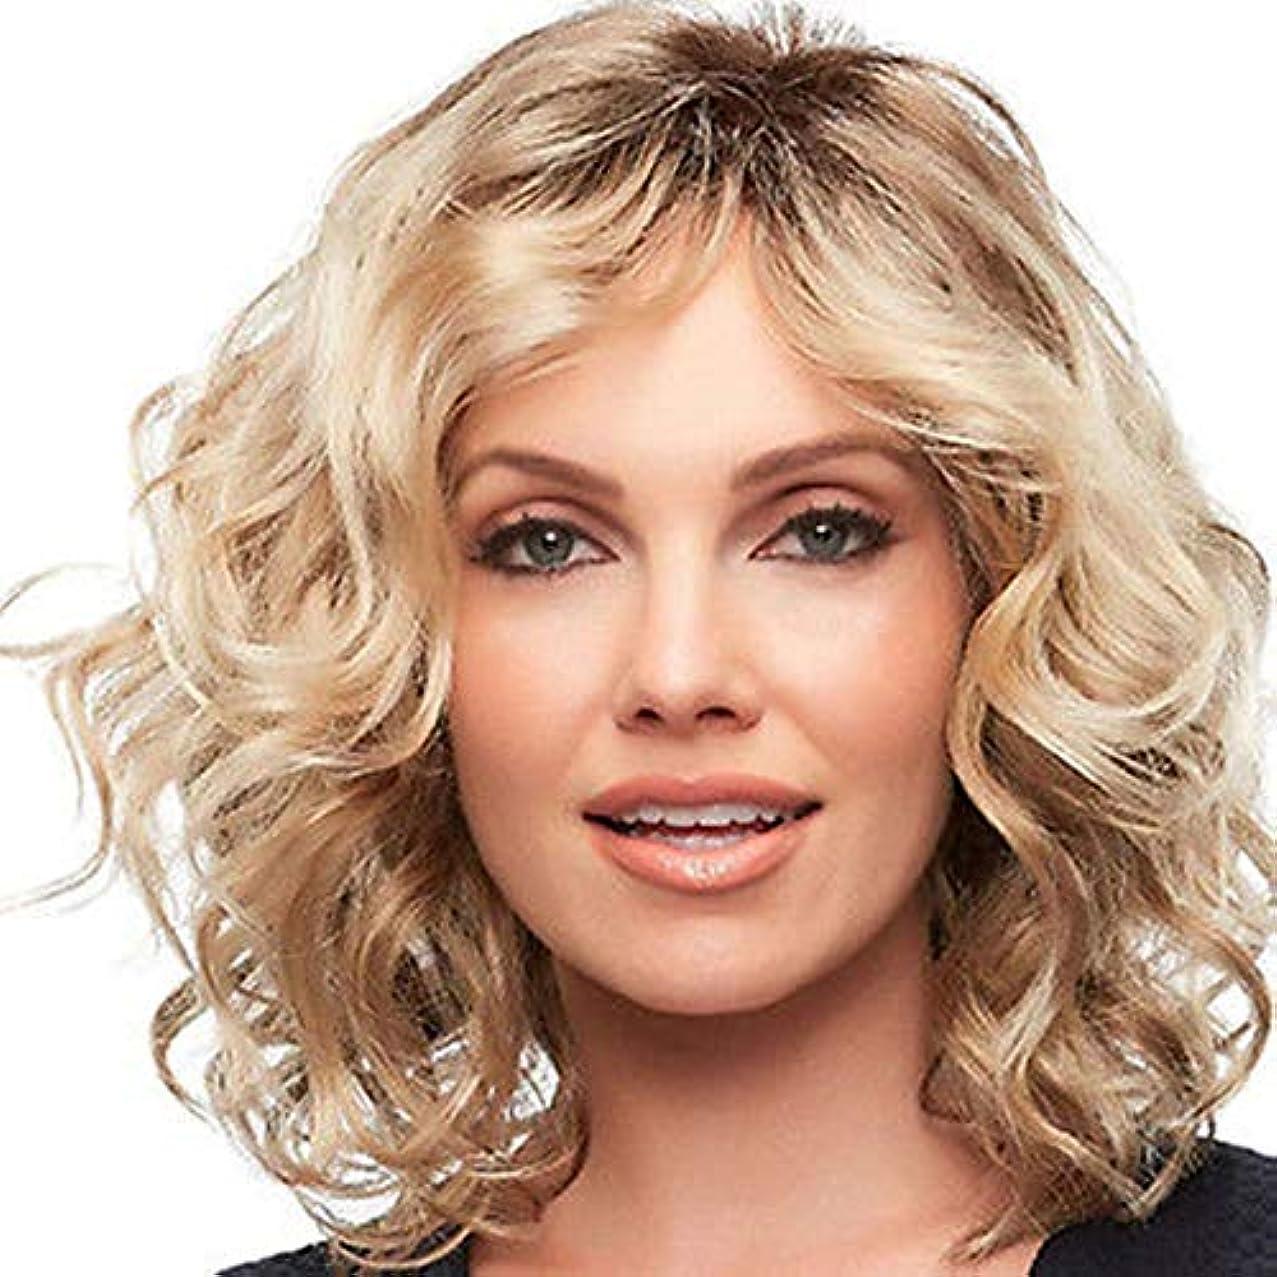 軍隊主権者湿気の多いYOUQIU 女子金髪ショートカーリーヘアウィッグふわふわヘアスタイリング中部ウィッグウィッグ (色 : Blonde)